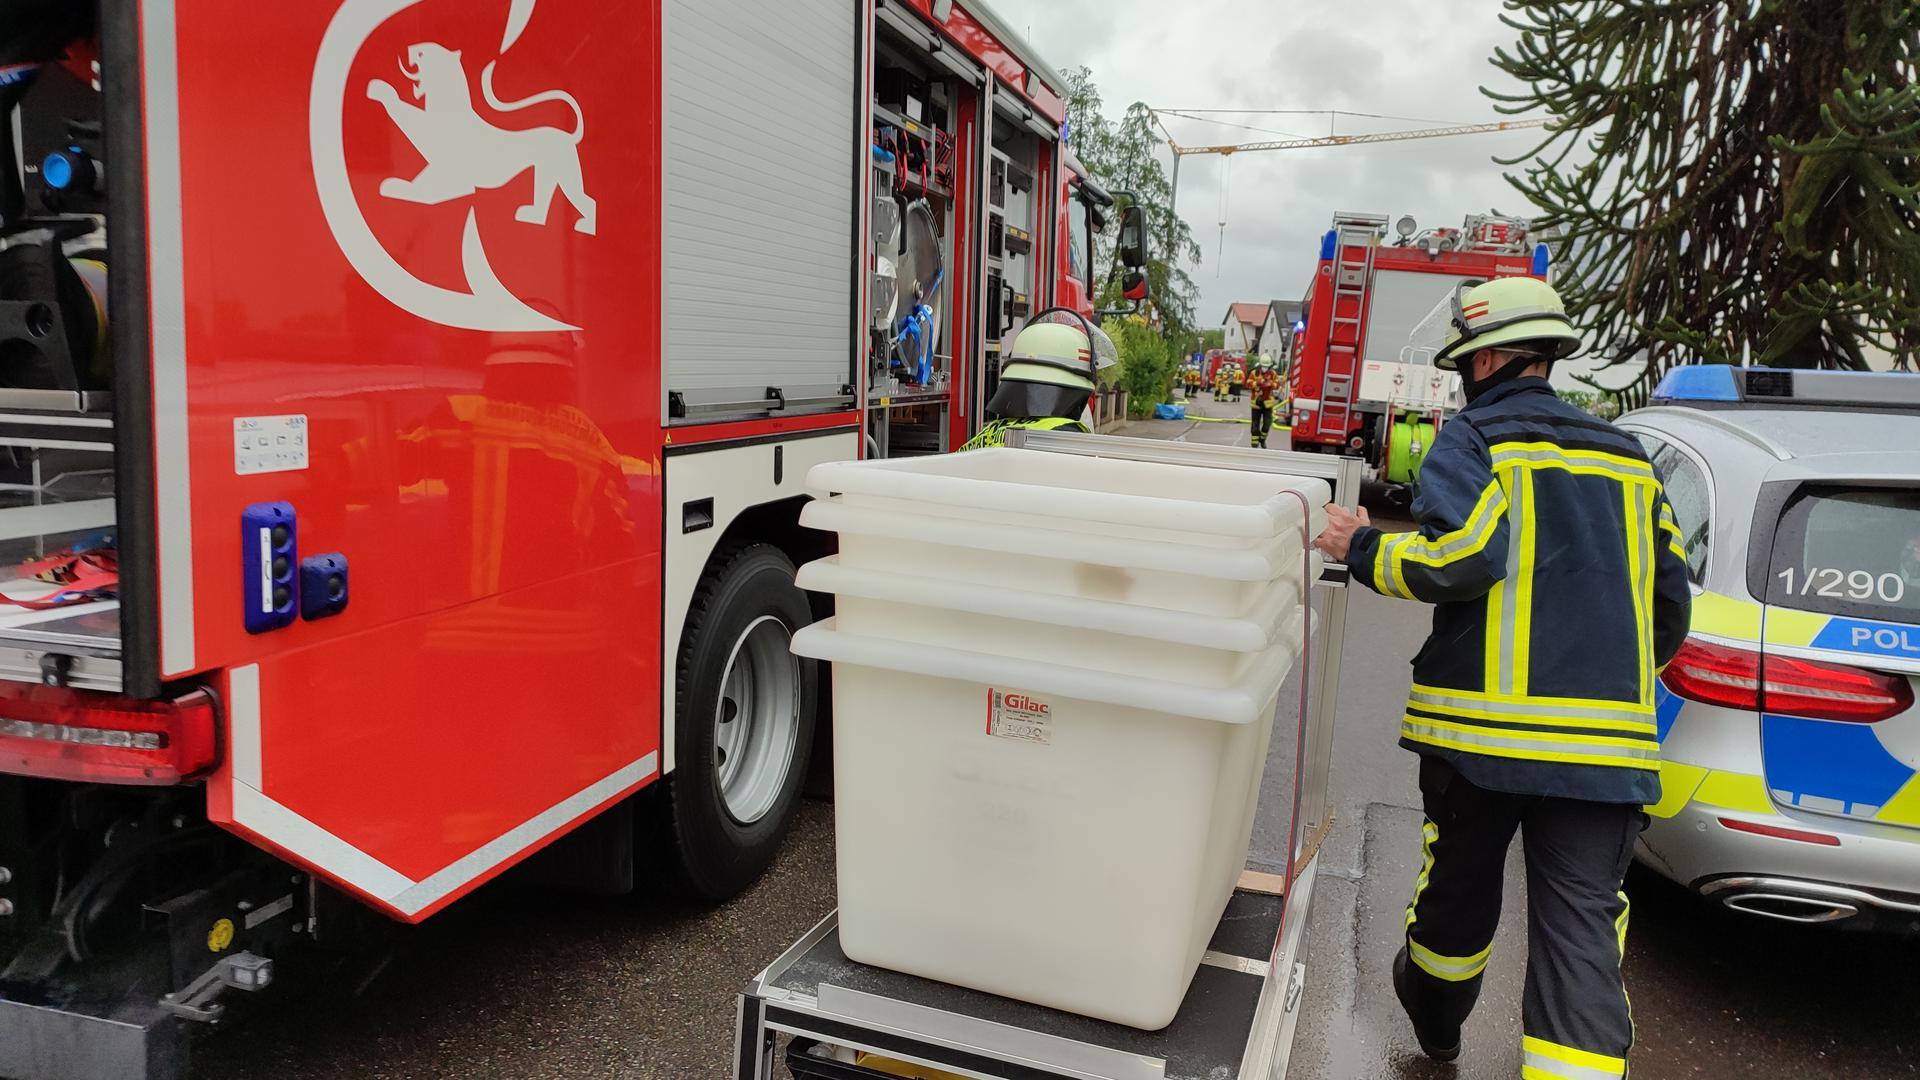 Einsatz in Stutensee: Feucht gewordene Chlortabletten waren die Ursache, dass Feuerwehr und Polizei ausrückten. Ob Chlorgas ausgetreten ist, konnte die Polizei auf Anfrage der BNN noch nicht sagen.